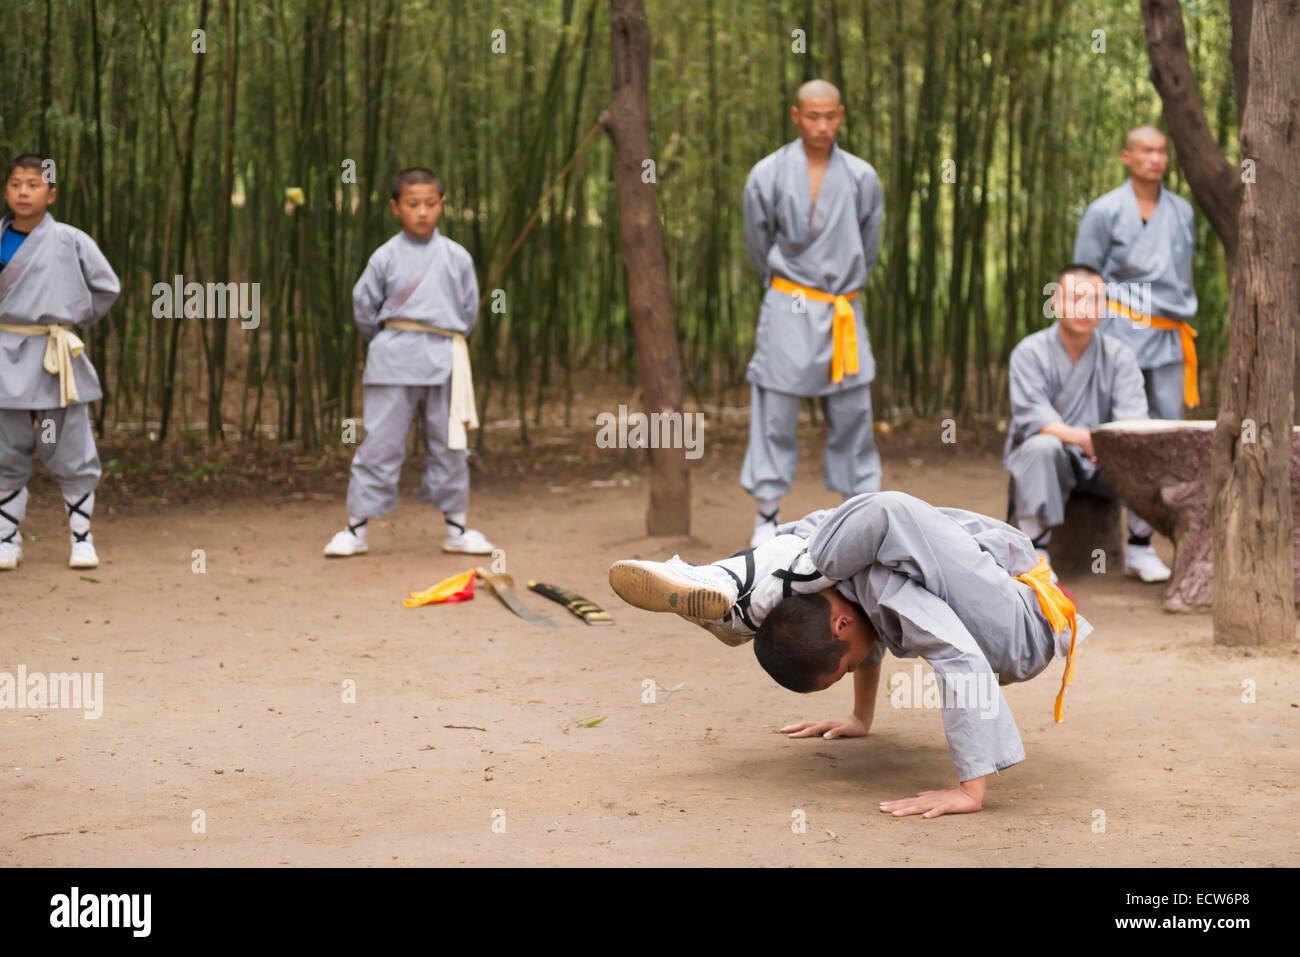 Jeune étudiant d'une école d'arts martiaux de Shaolin montrant sa souplesse, à la cérémonie Photo Stock